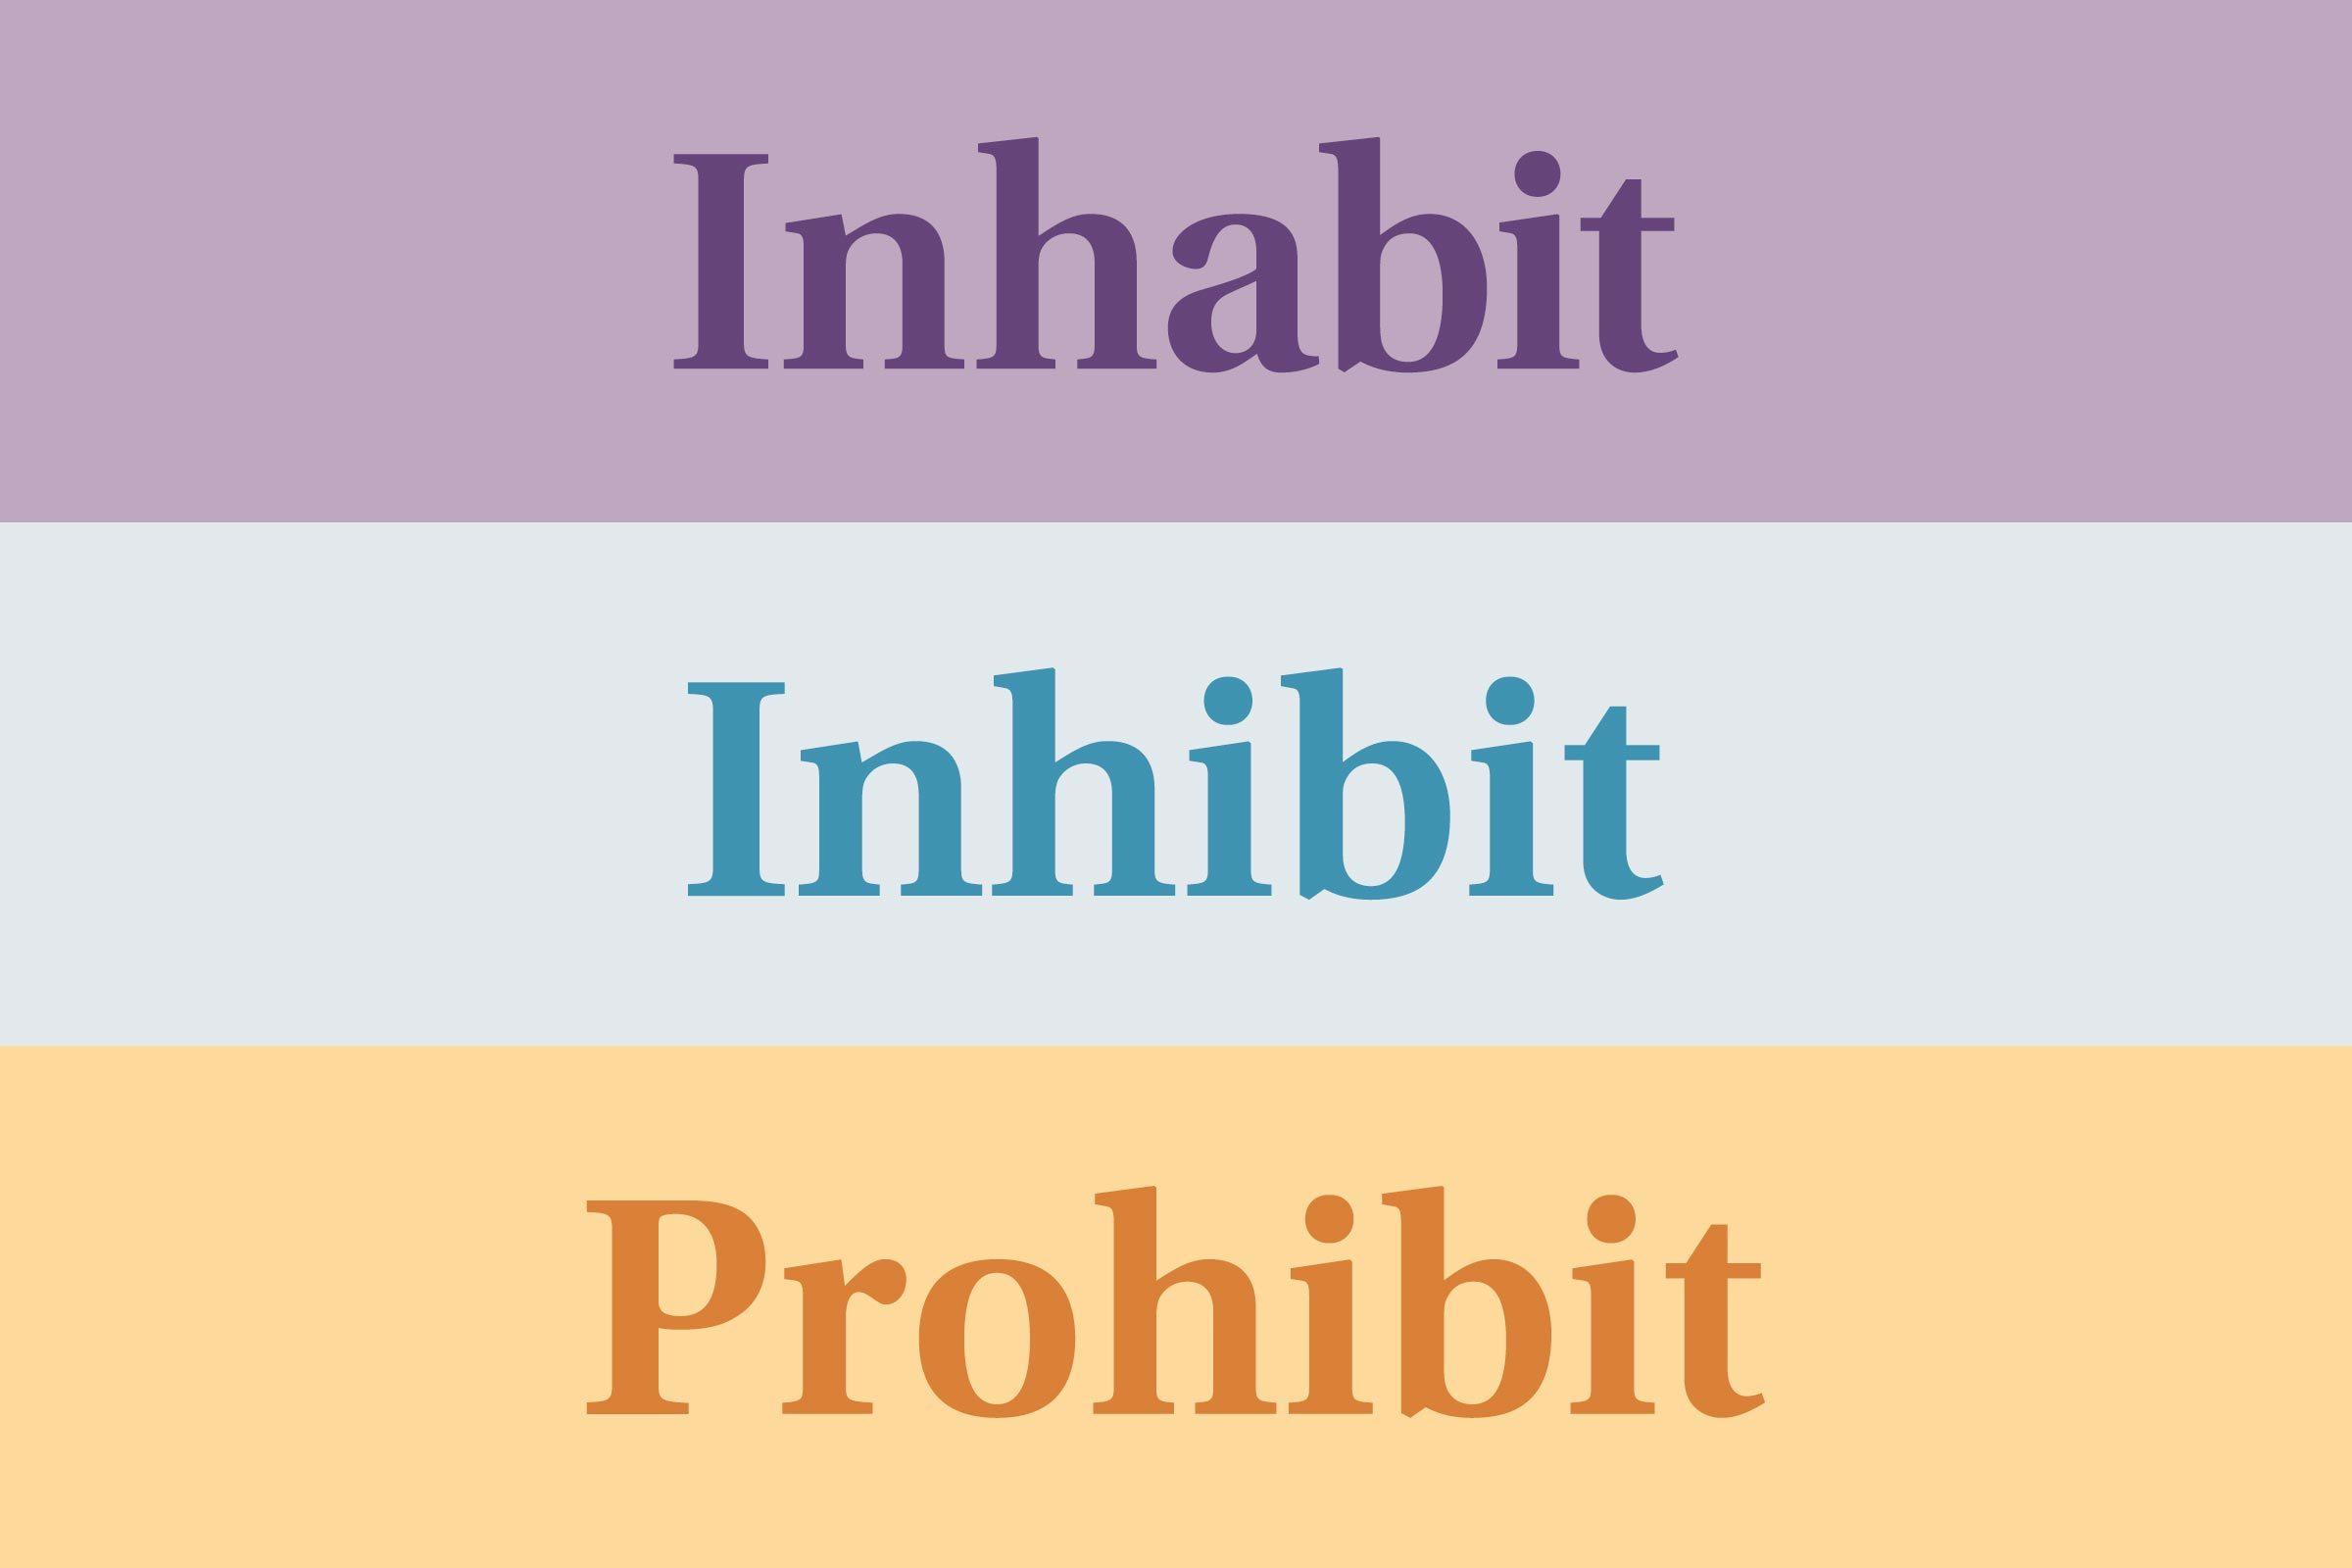 Inhabit vs. inhibit (vs. prohibit)